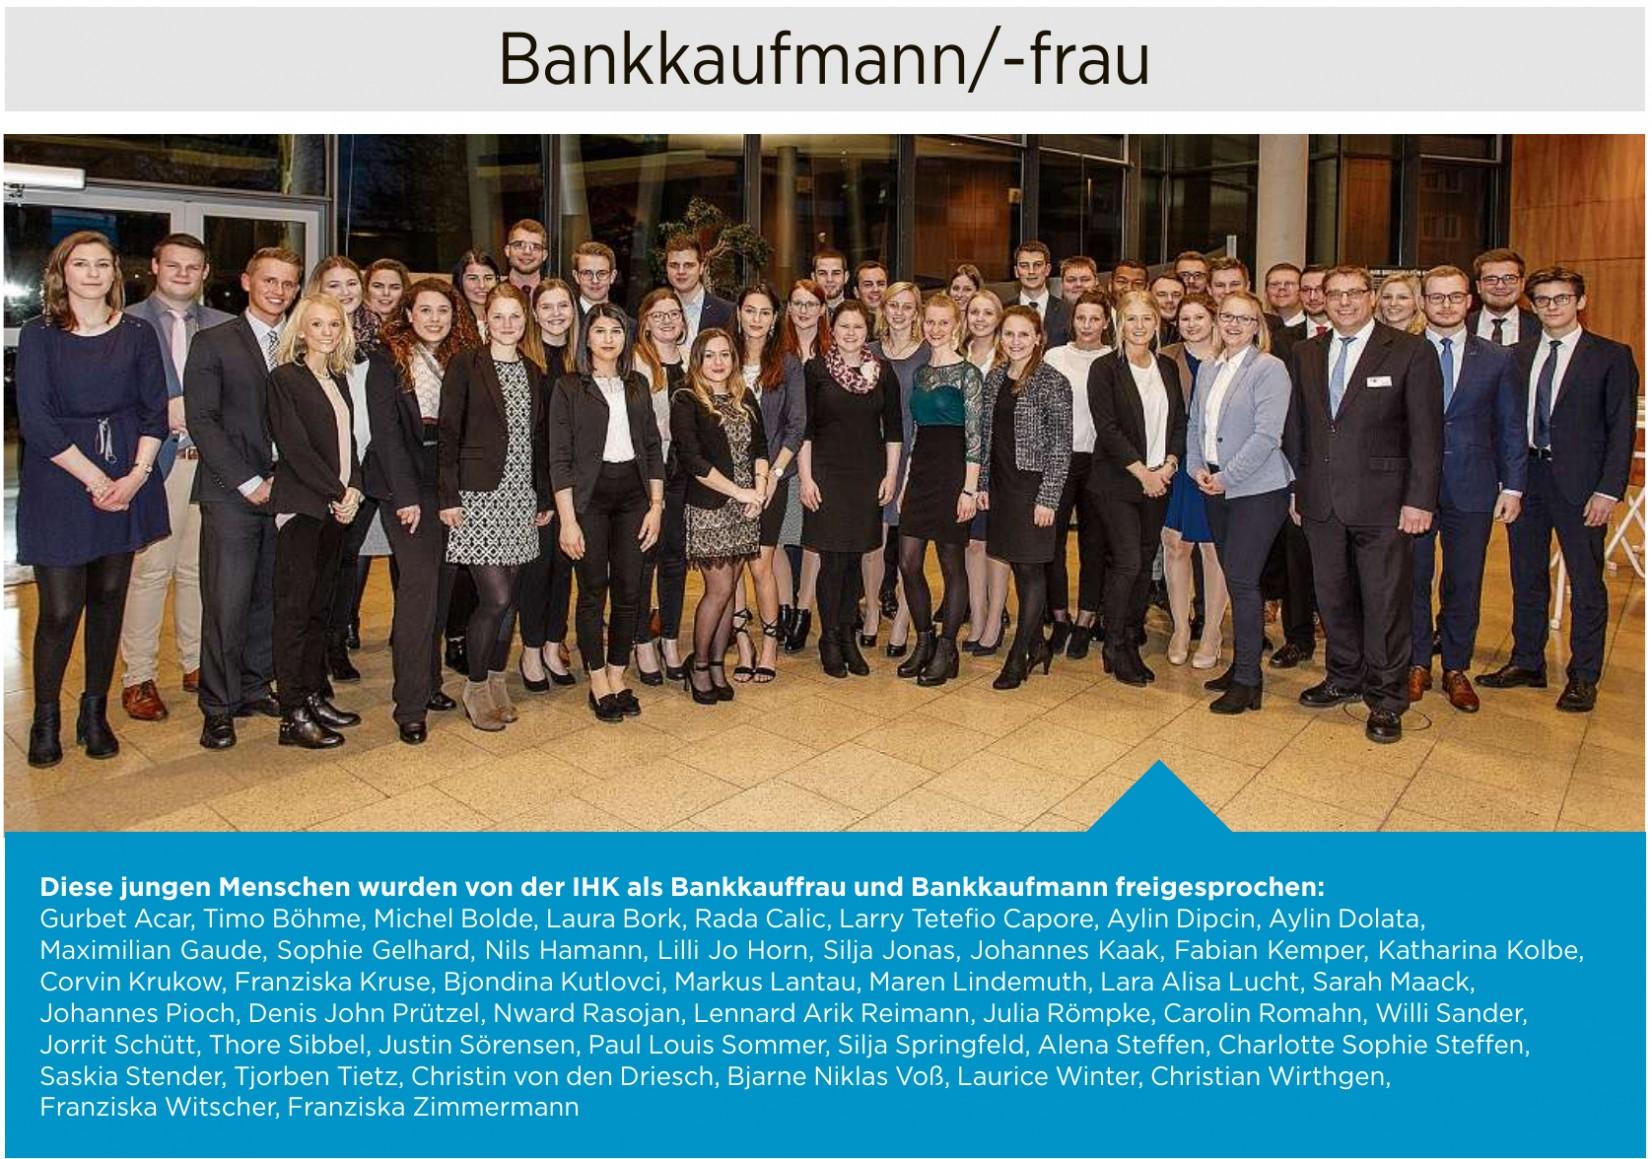 Bankkaufmann/-frau